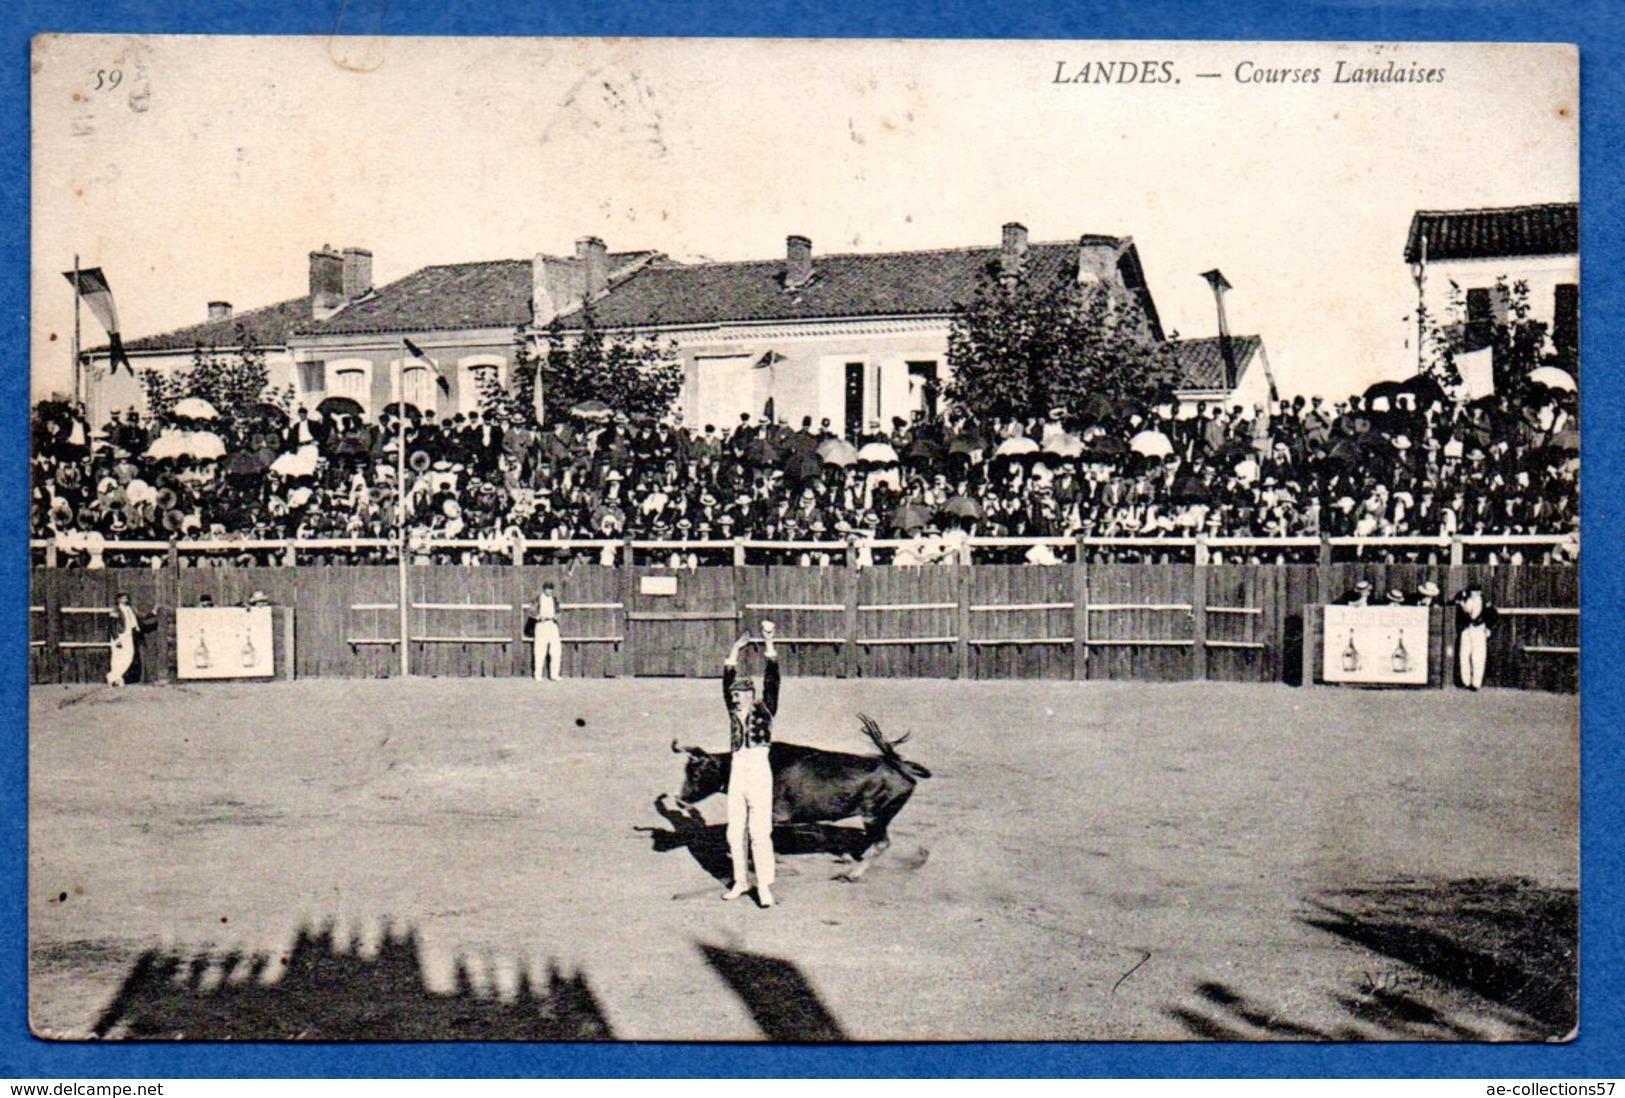 Landes / Courses Landaises - France